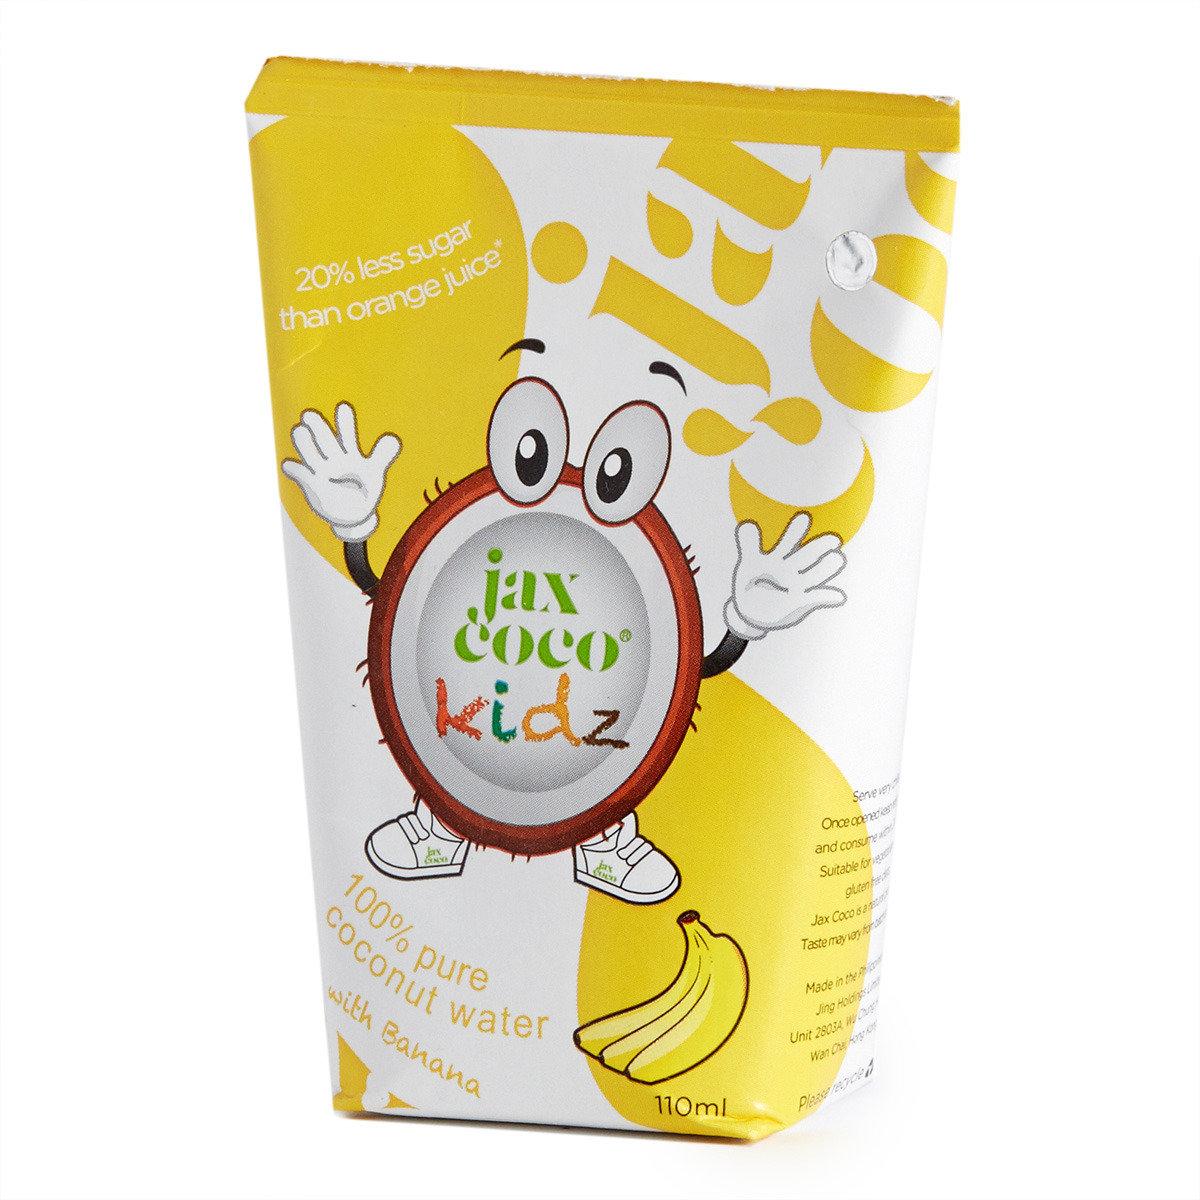 香蕉味純椰子水 (兒童利樂包)